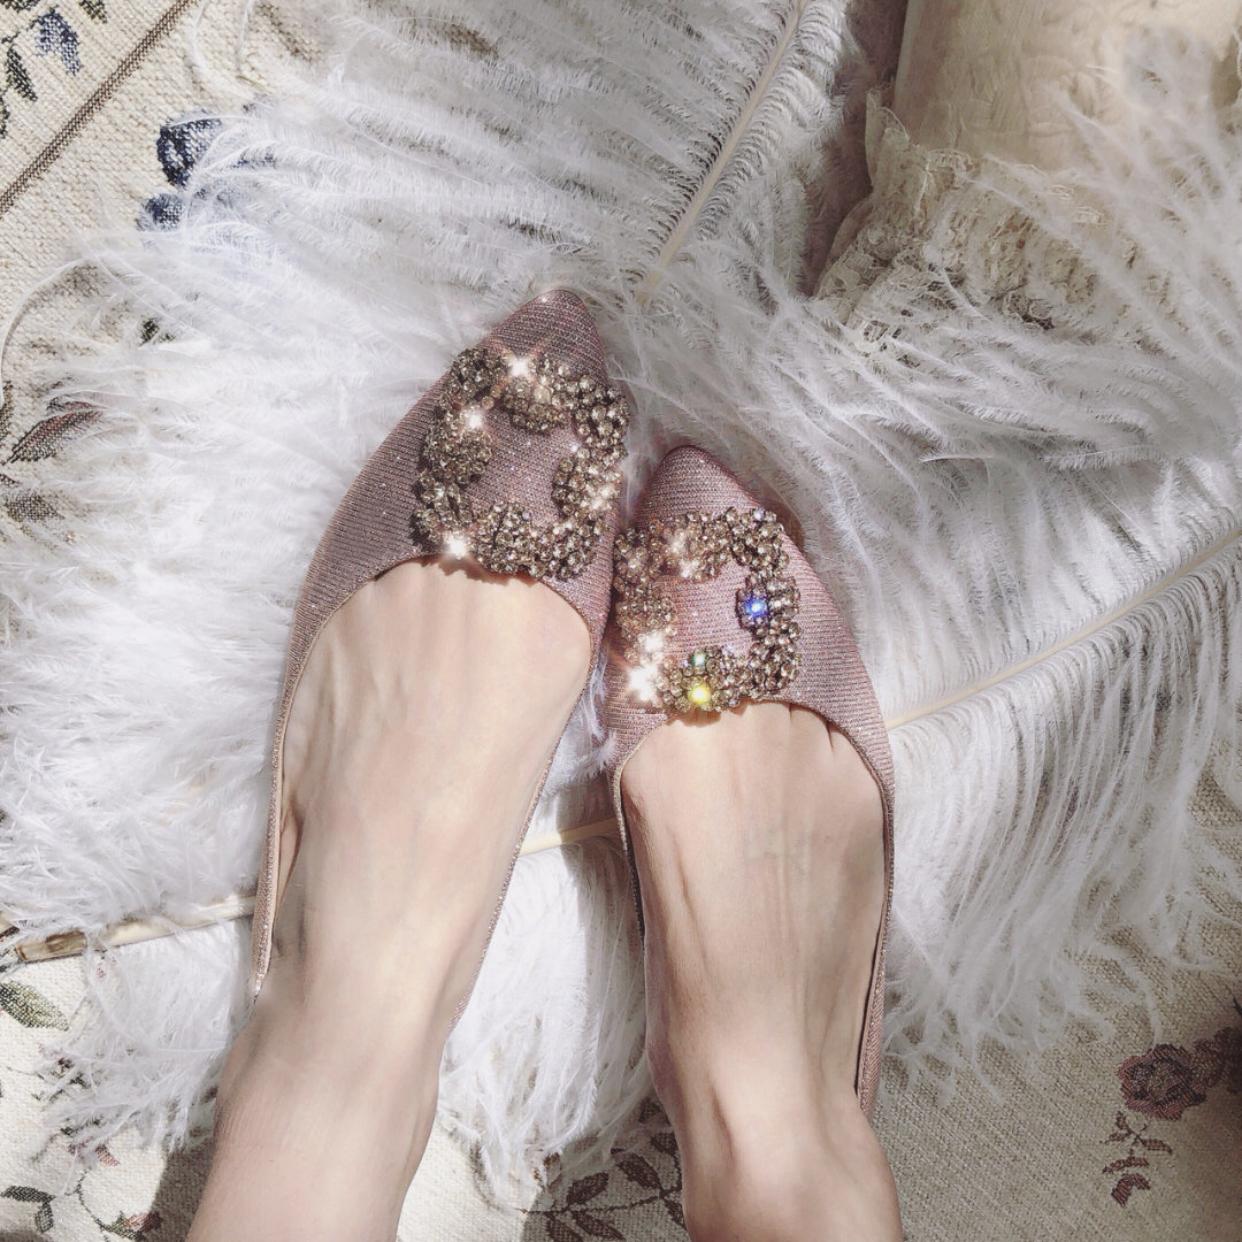 粉红色平底鞋 2019夏季新款水钻方扣尖头平底鞋浅口粉红色仙女鞋低跟低帮单鞋女_推荐淘宝好看的粉红色平底鞋